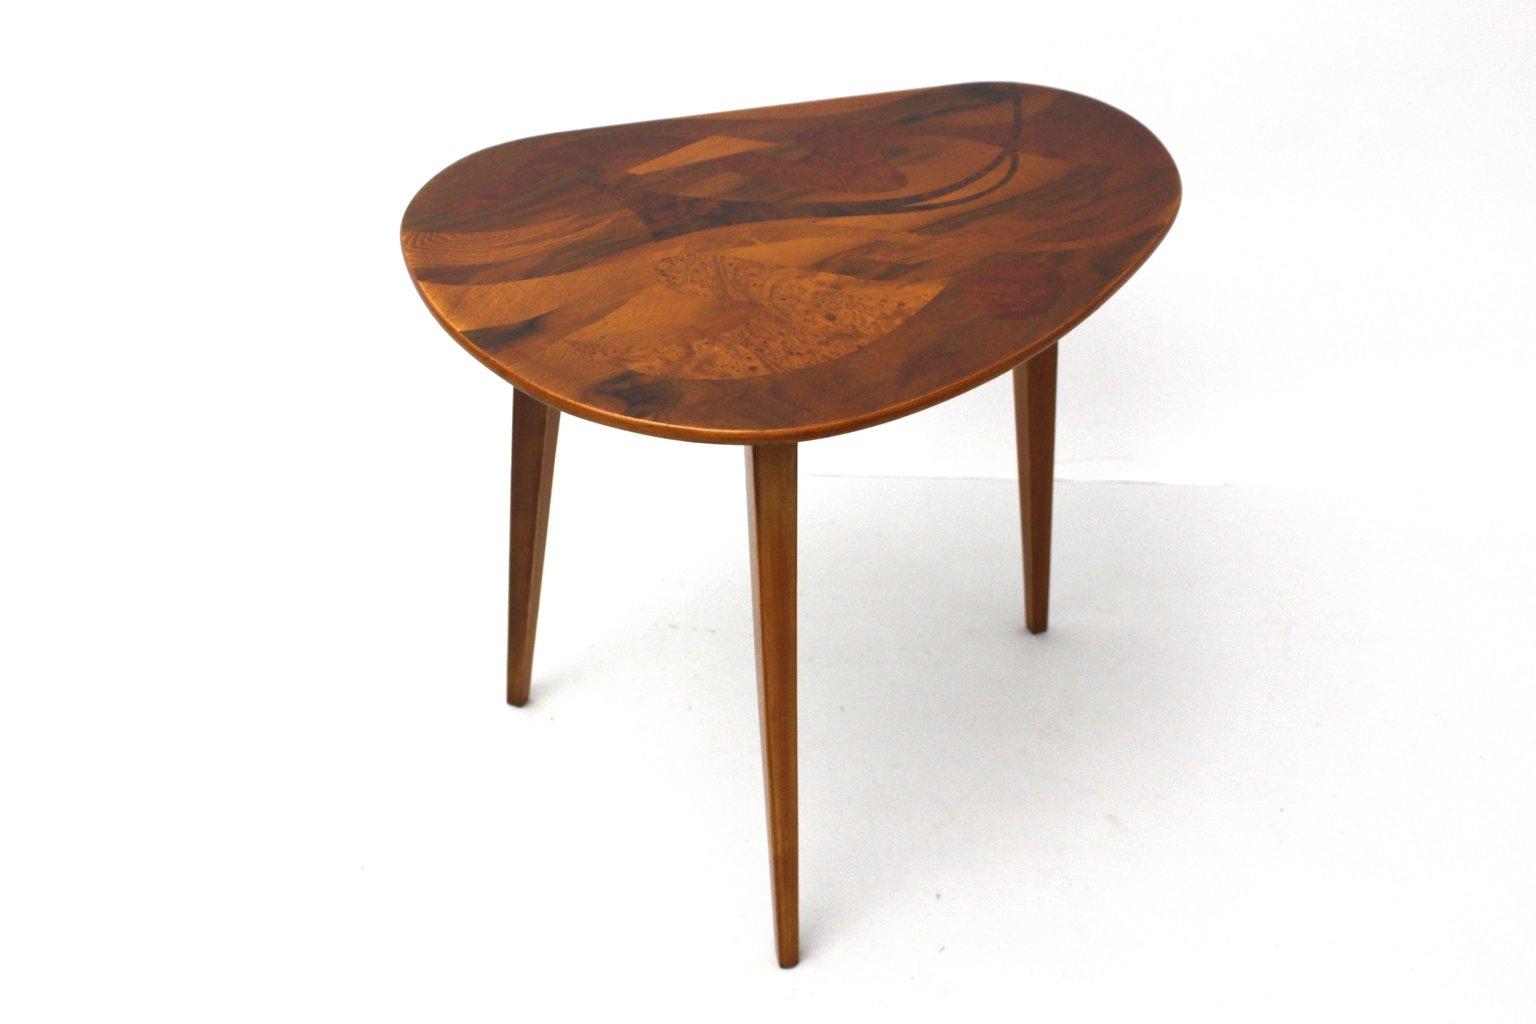 sterreichischer furnierter vintage holz couchtisch 1950er bei pamono kaufen. Black Bedroom Furniture Sets. Home Design Ideas